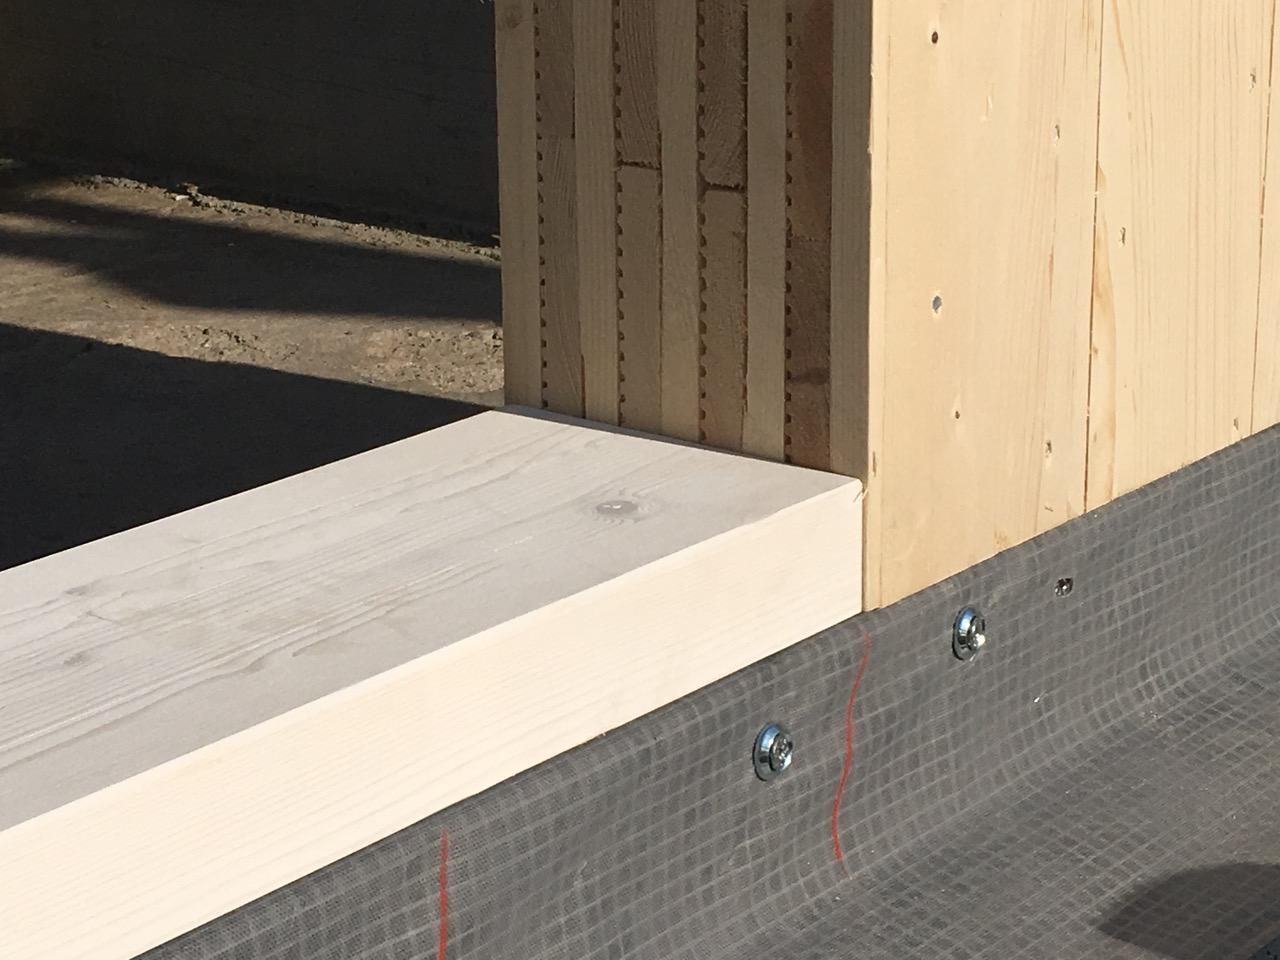 solidha noi lavoriamo così, dettaglio parete legno massiccio